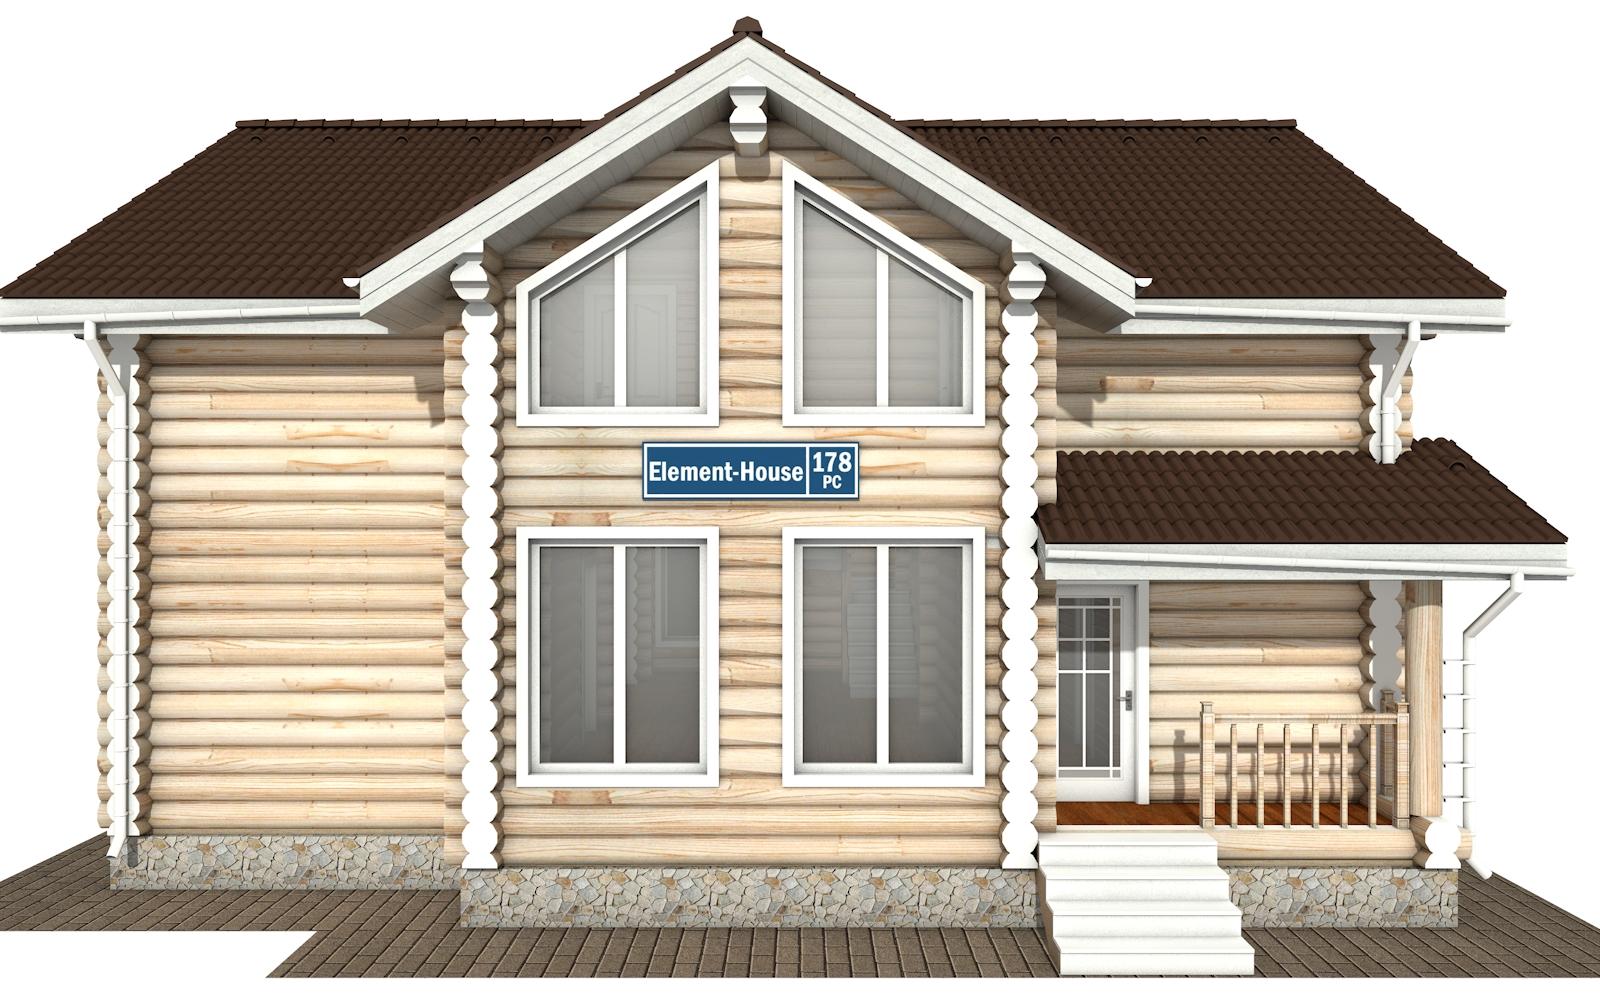 Фото #7: Красивый деревянный дом РС-178 из бревна